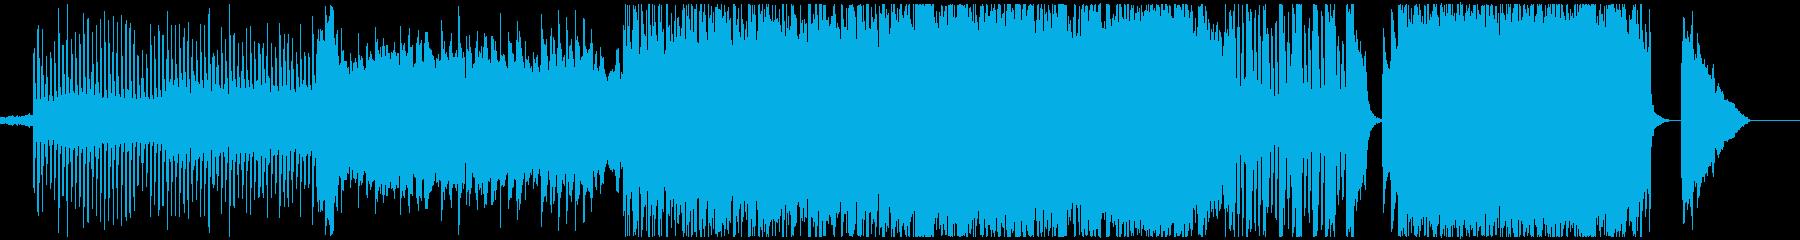 ポップロック 現代の交響曲 ポジテ...の再生済みの波形